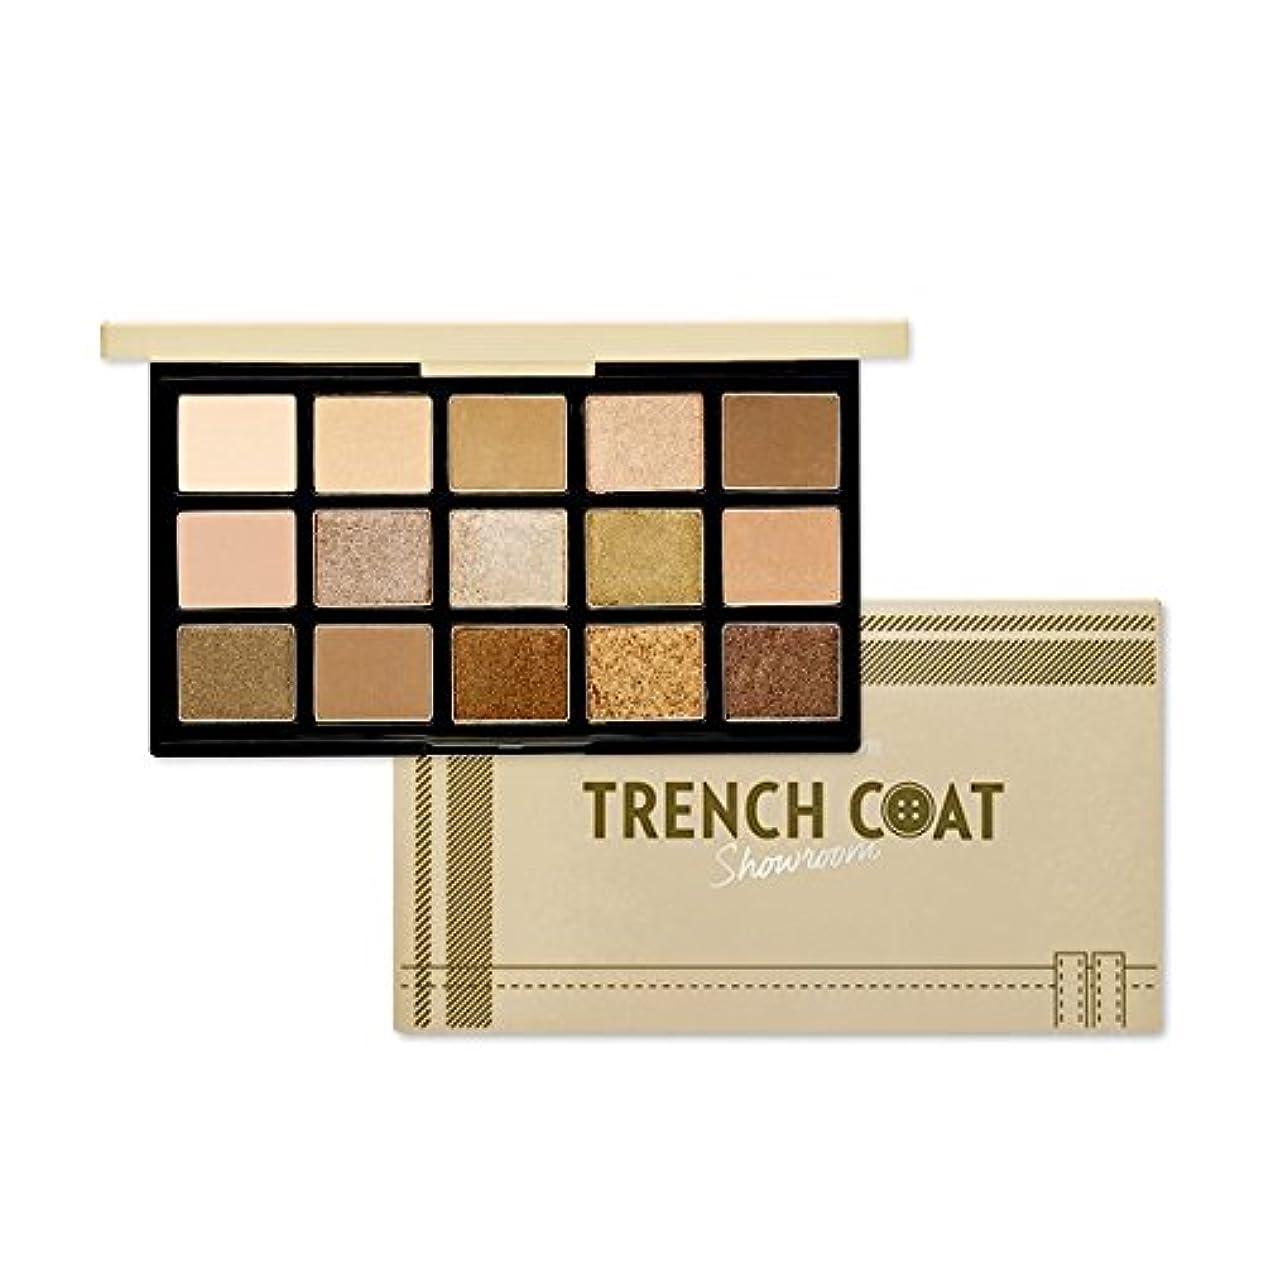 熱狂的なスピン決めますETUDE HOUSE Play Color Eye Palette - Trench coat Showroom/エチュードハウスプレイカラーアイパレット - トレンチコートショールーム [並行輸入品]